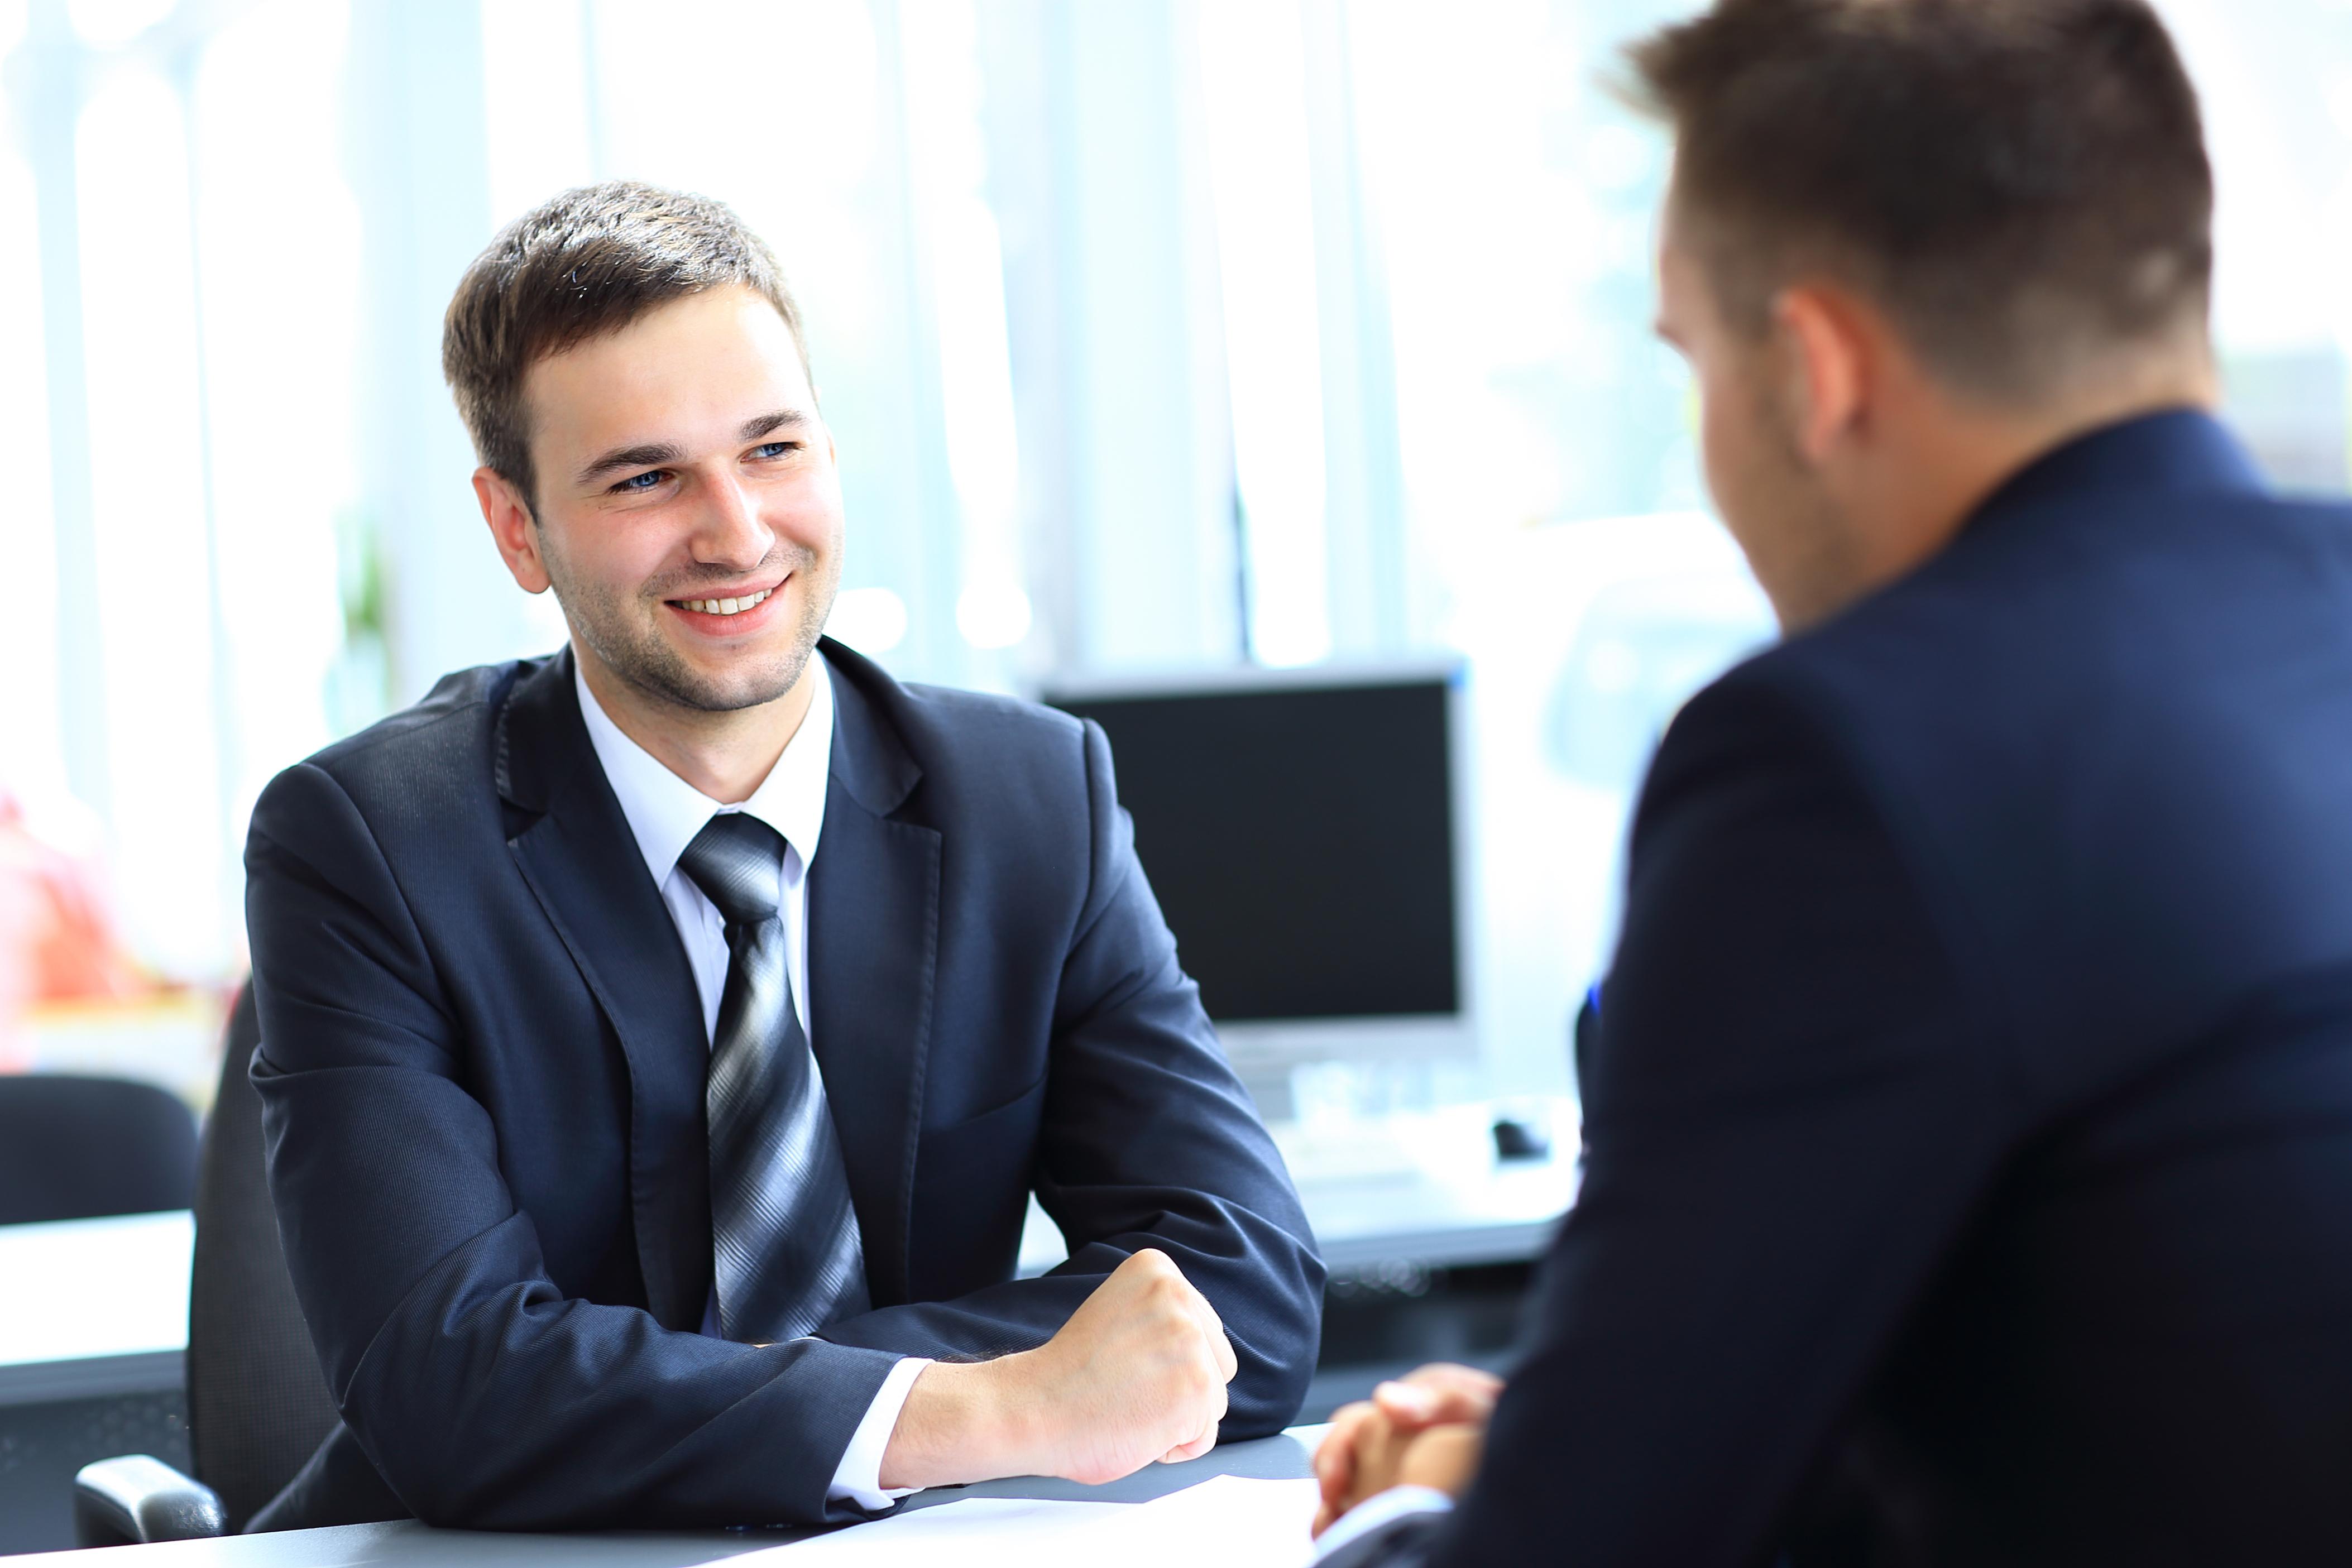 ¿Cómo prepararse para enfrentar las preguntas tramposas de la entrevista?